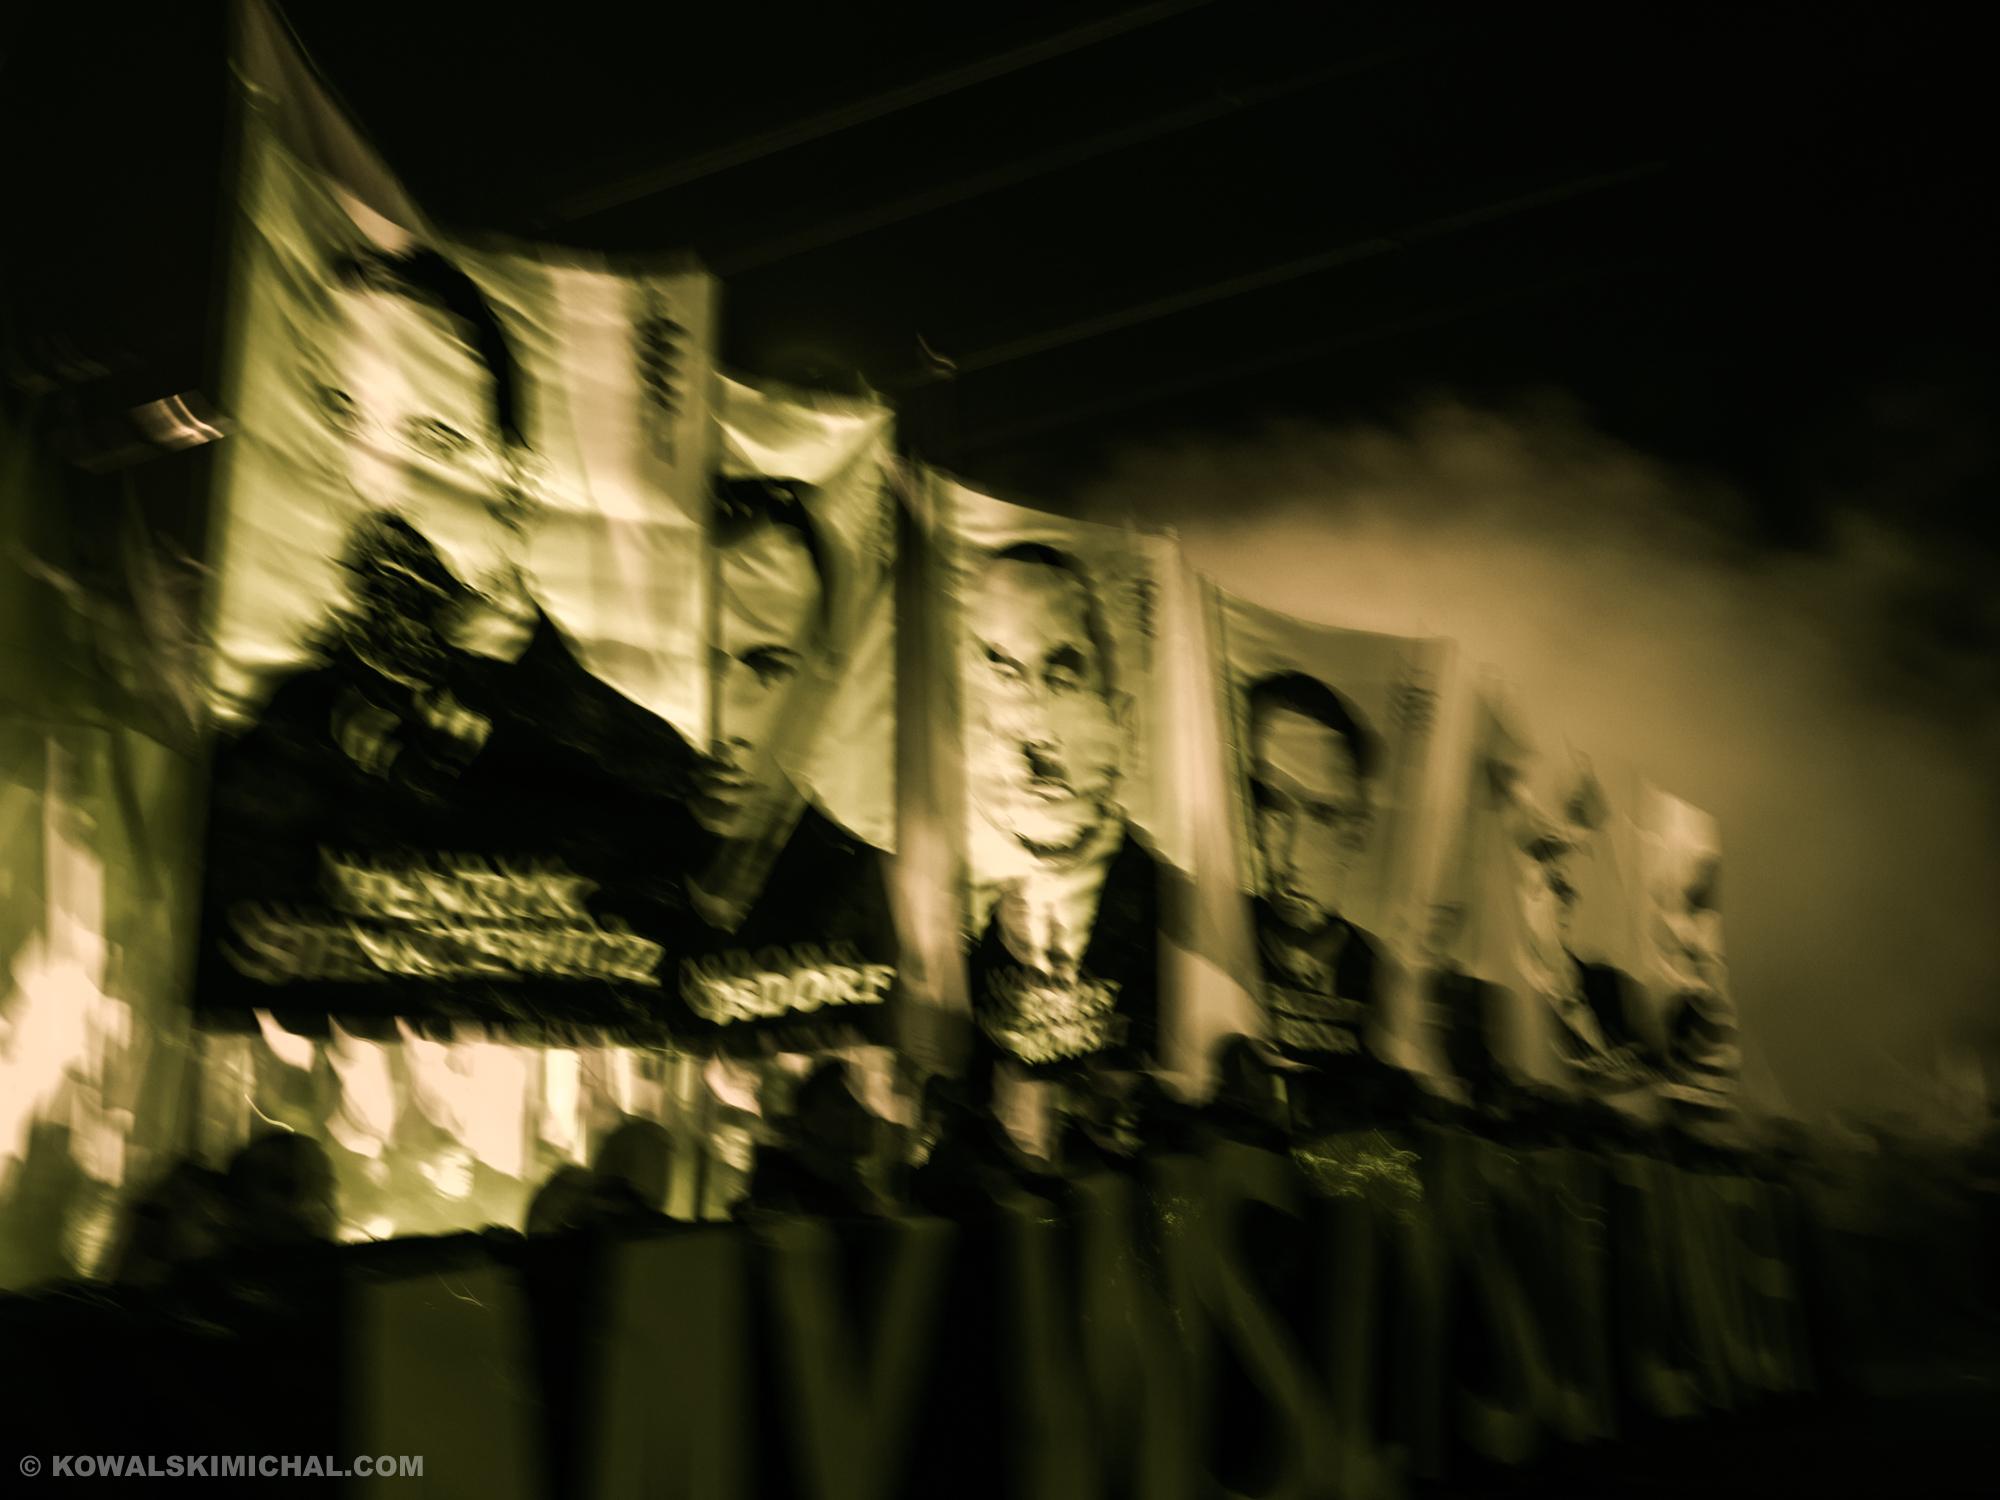 fot.kowalskimichal.com_MG_6765.jpg